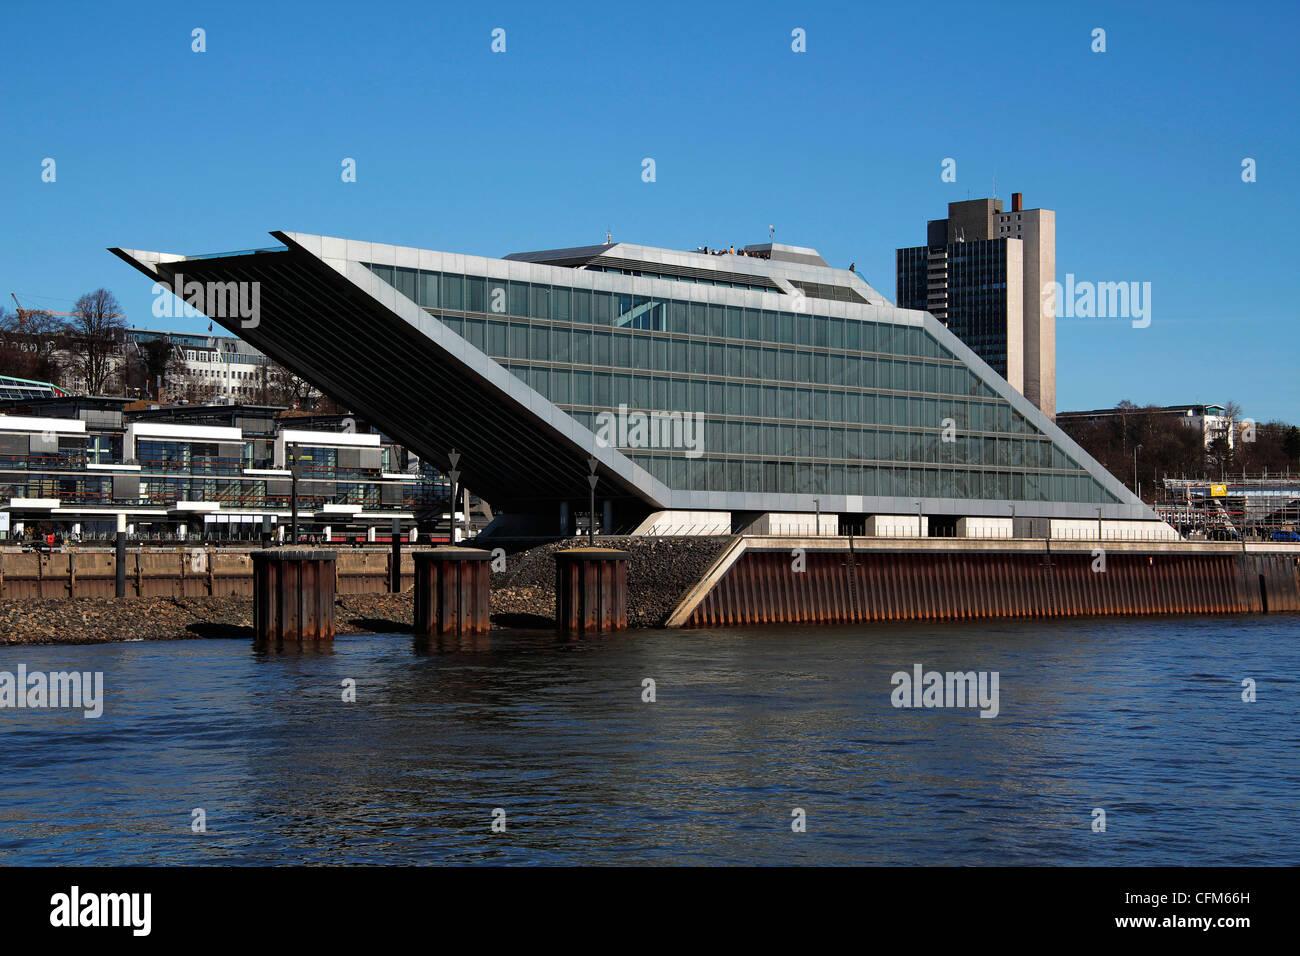 Dockland Building, Hamburg, Germany, Europe - Stock Image